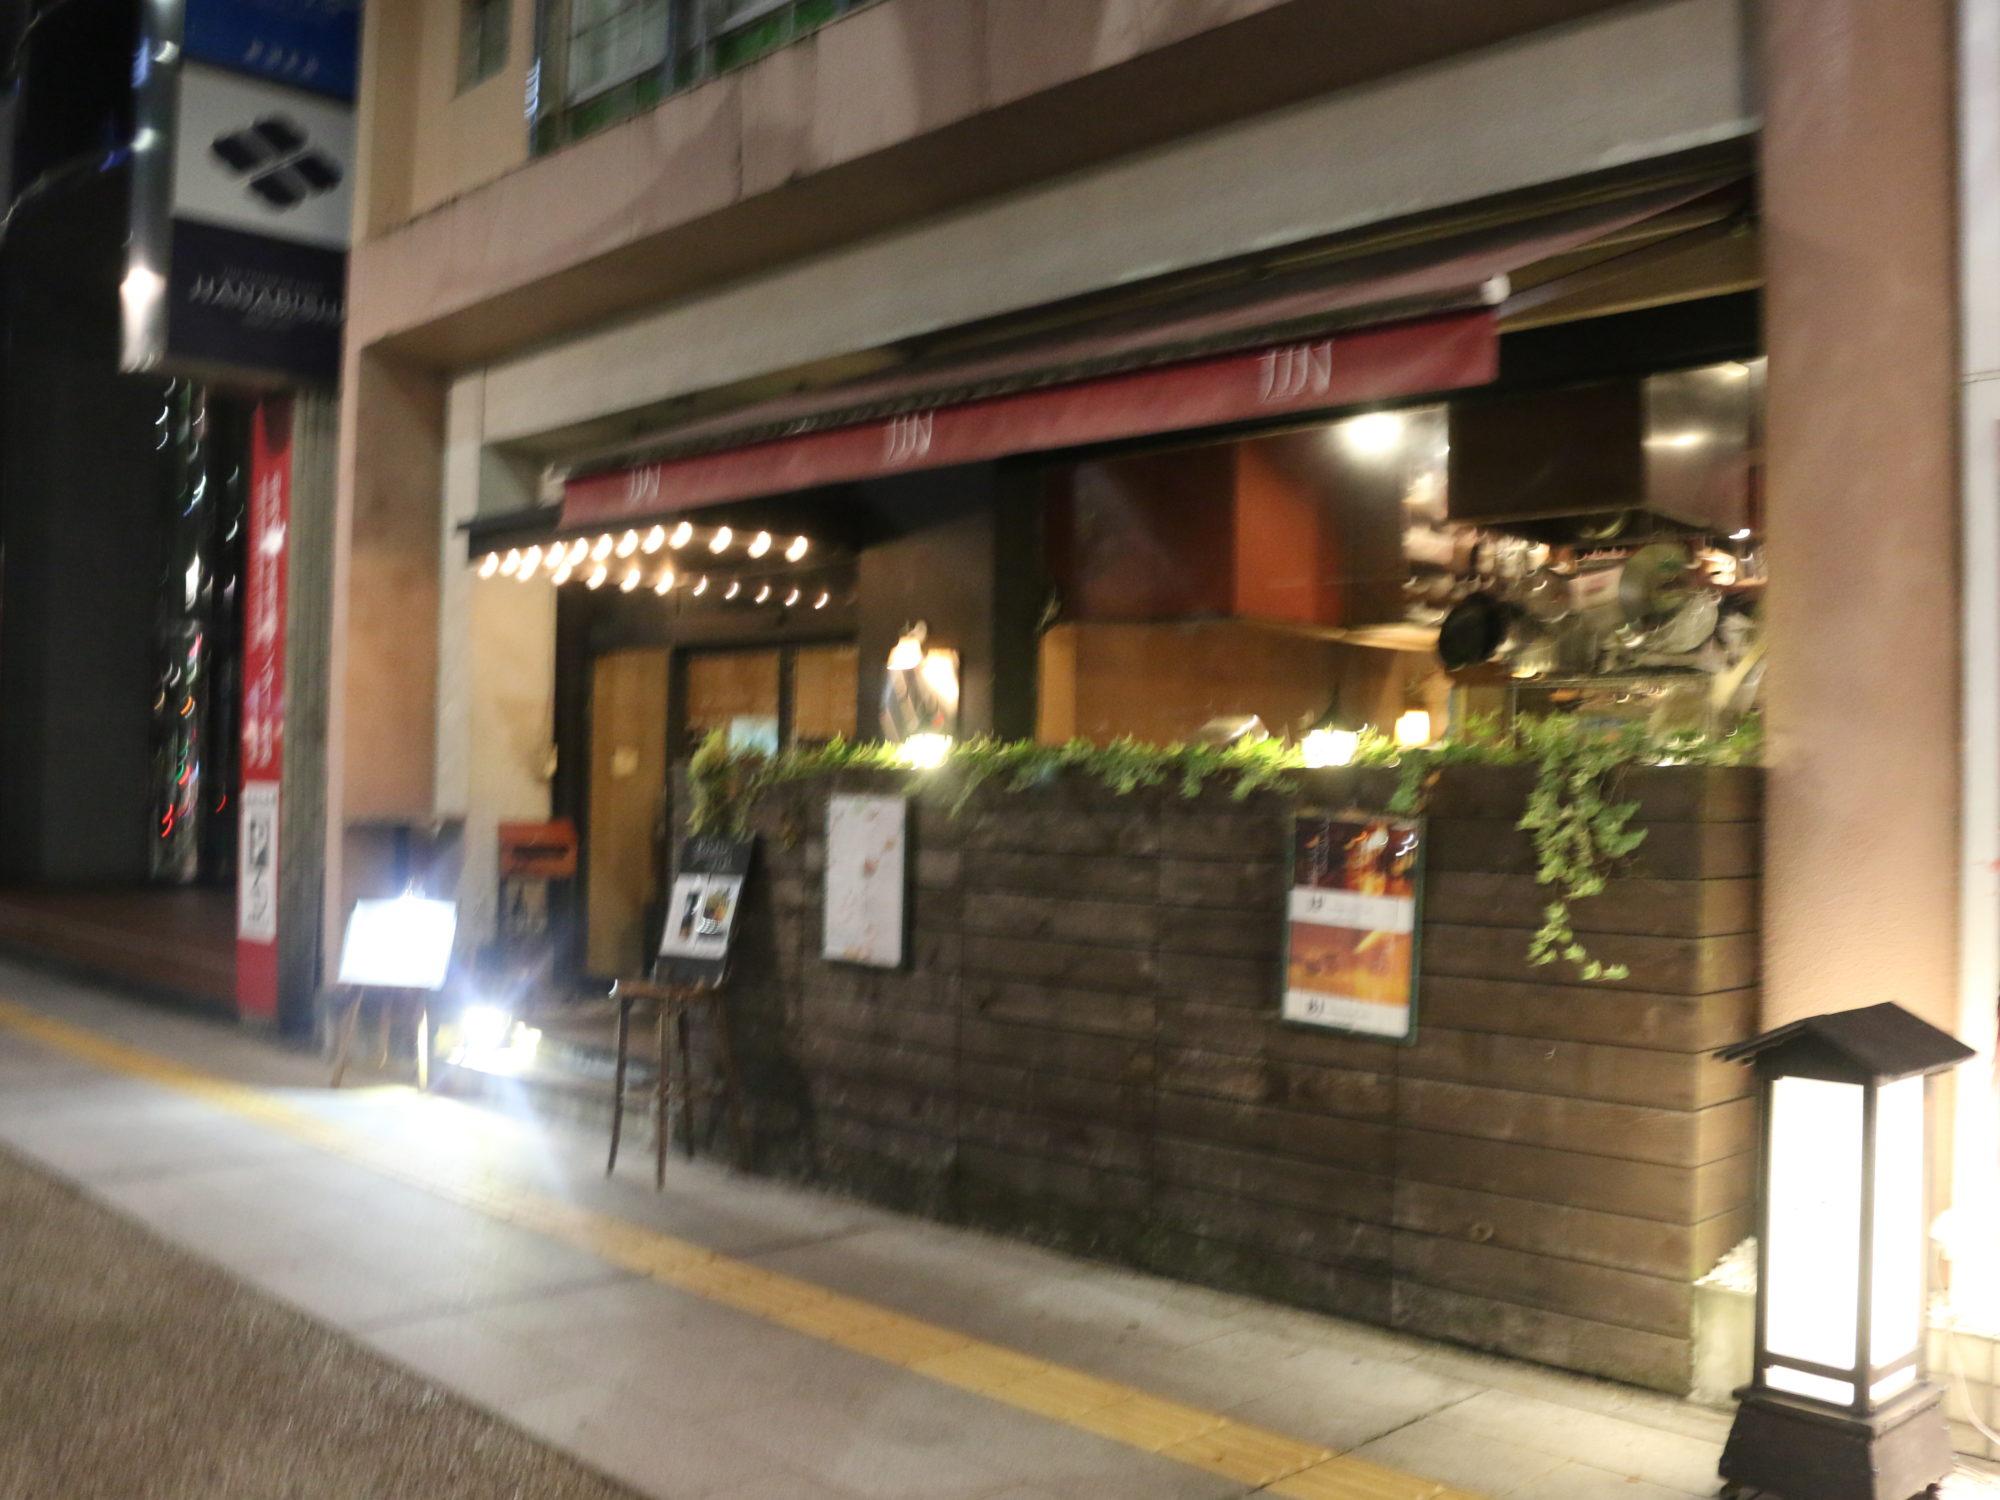 新潟駅近くの 極kiwaと提携店のbistro JIN仁でおいしい晩ご飯〜おにぎりに感動〜